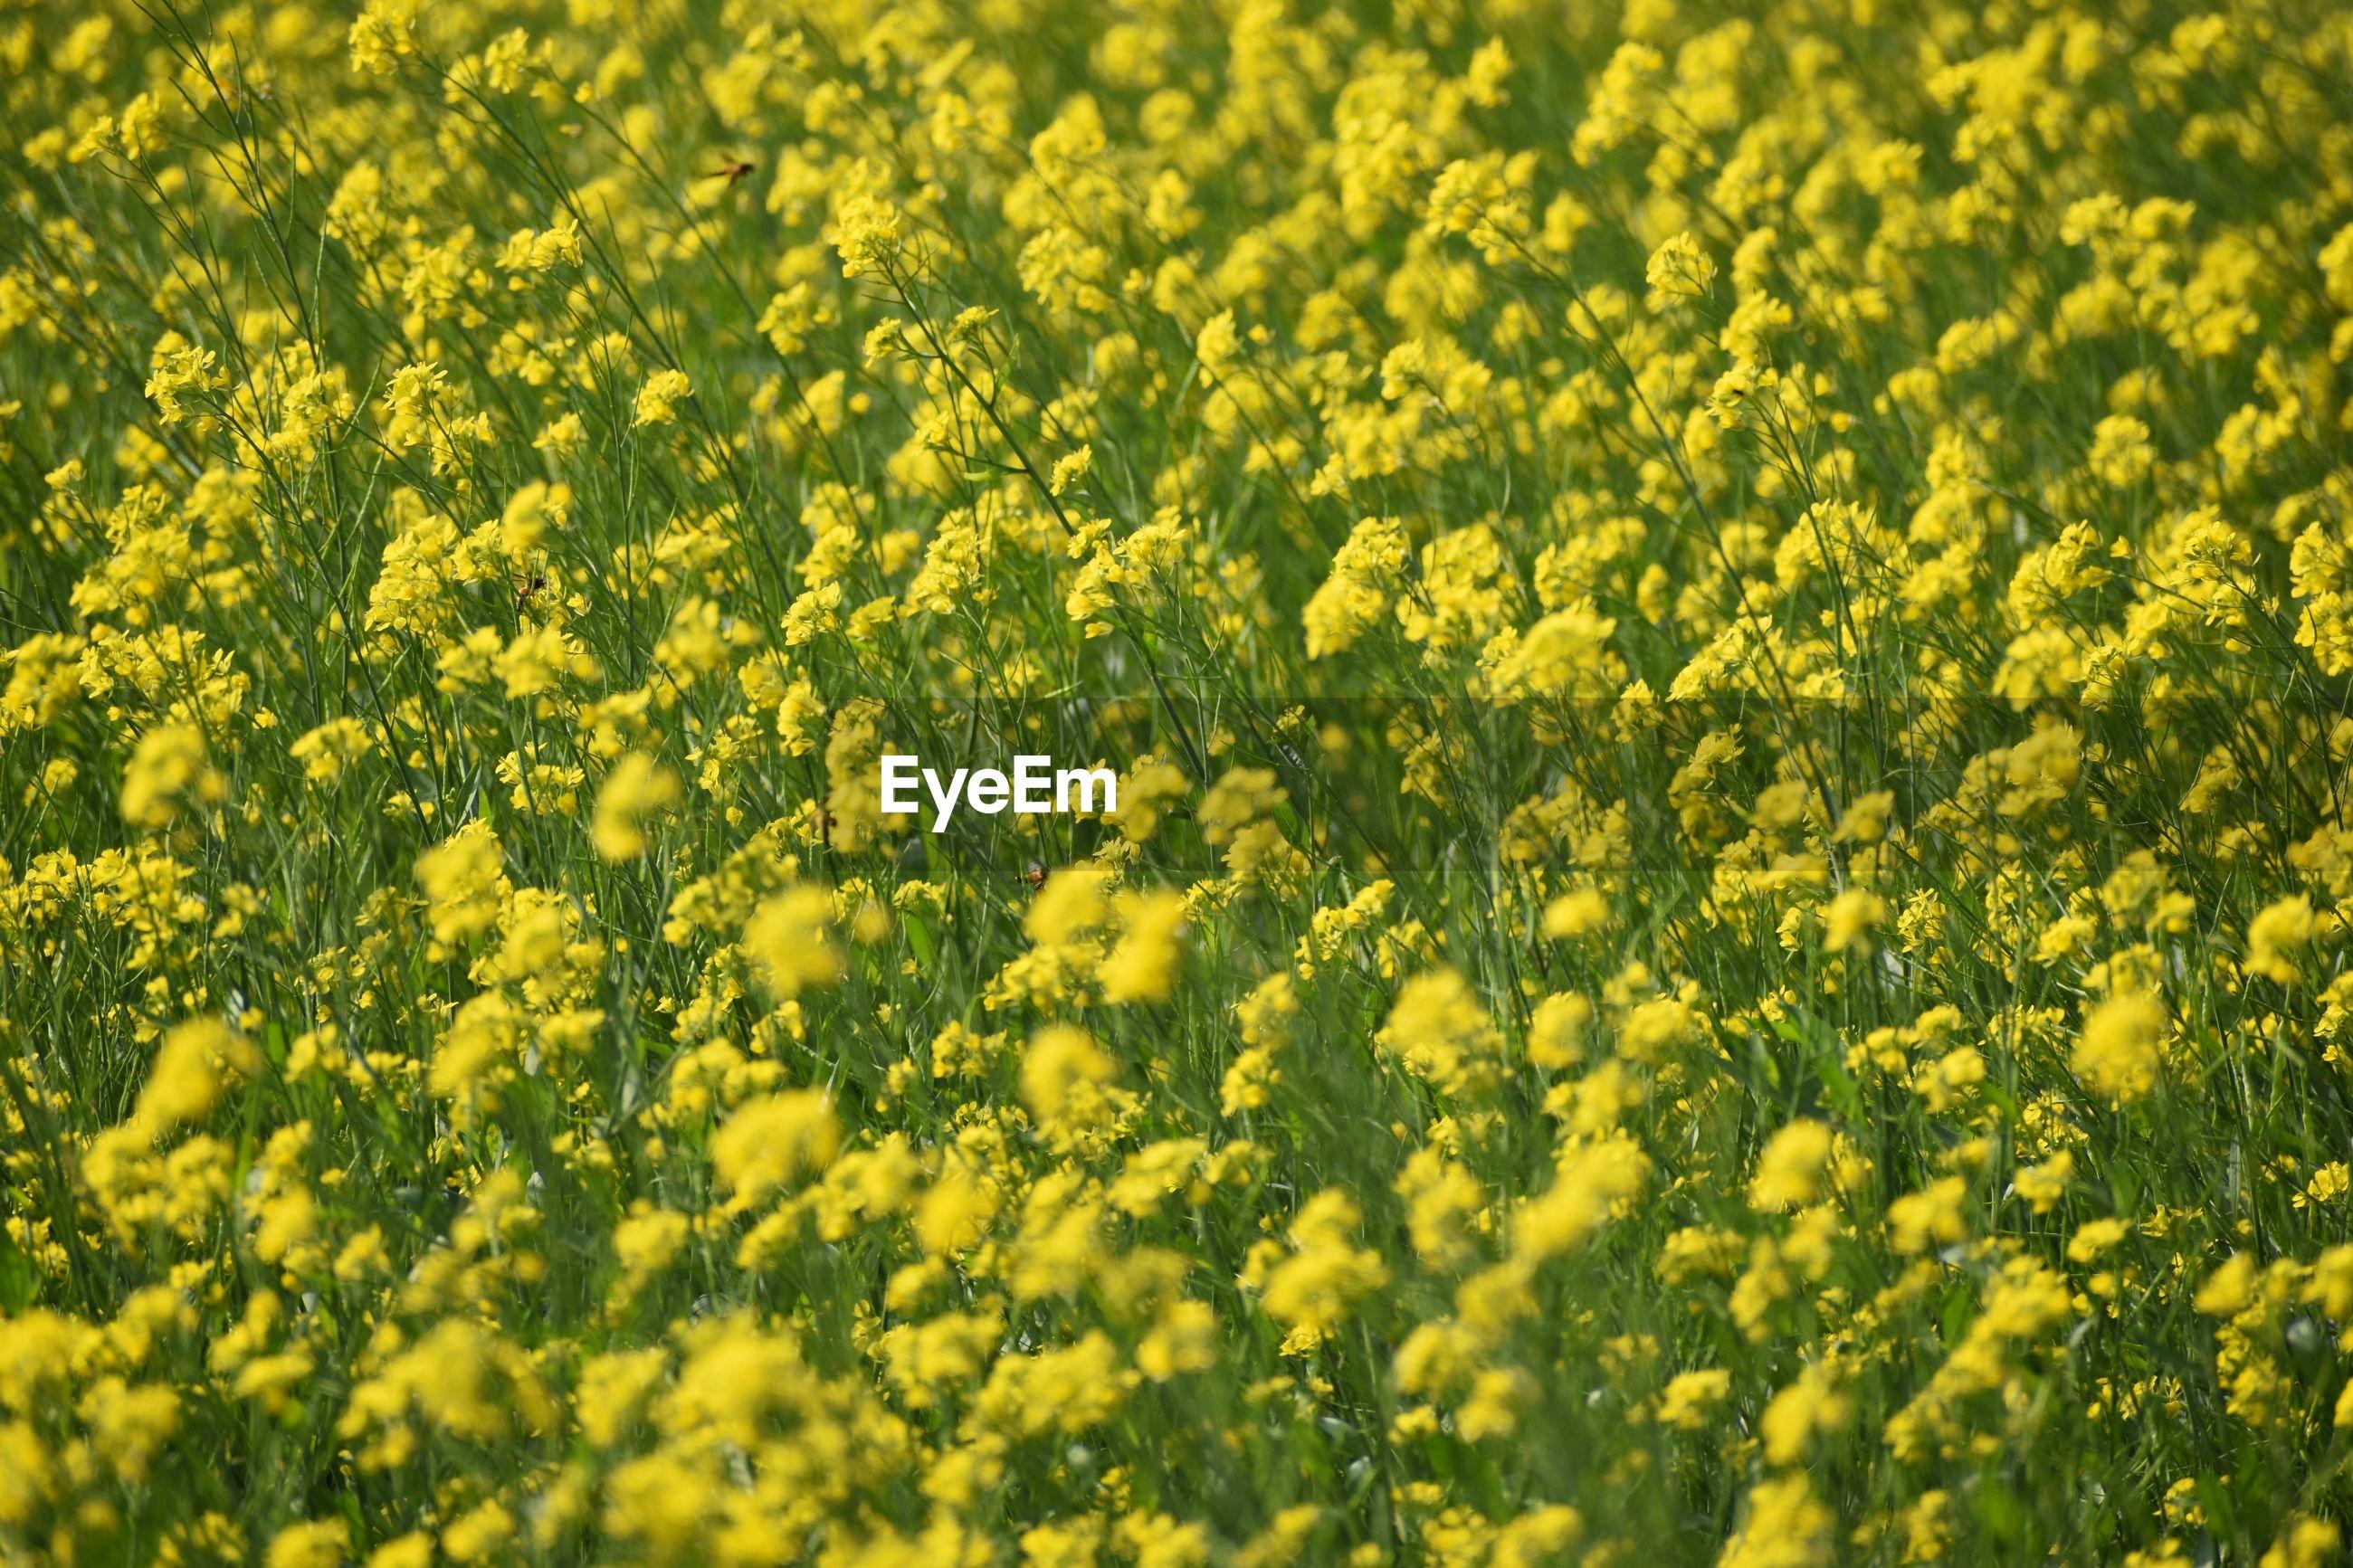 FULL FRAME SHOT OF FRESH YELLOW FLOWERING PLANTS